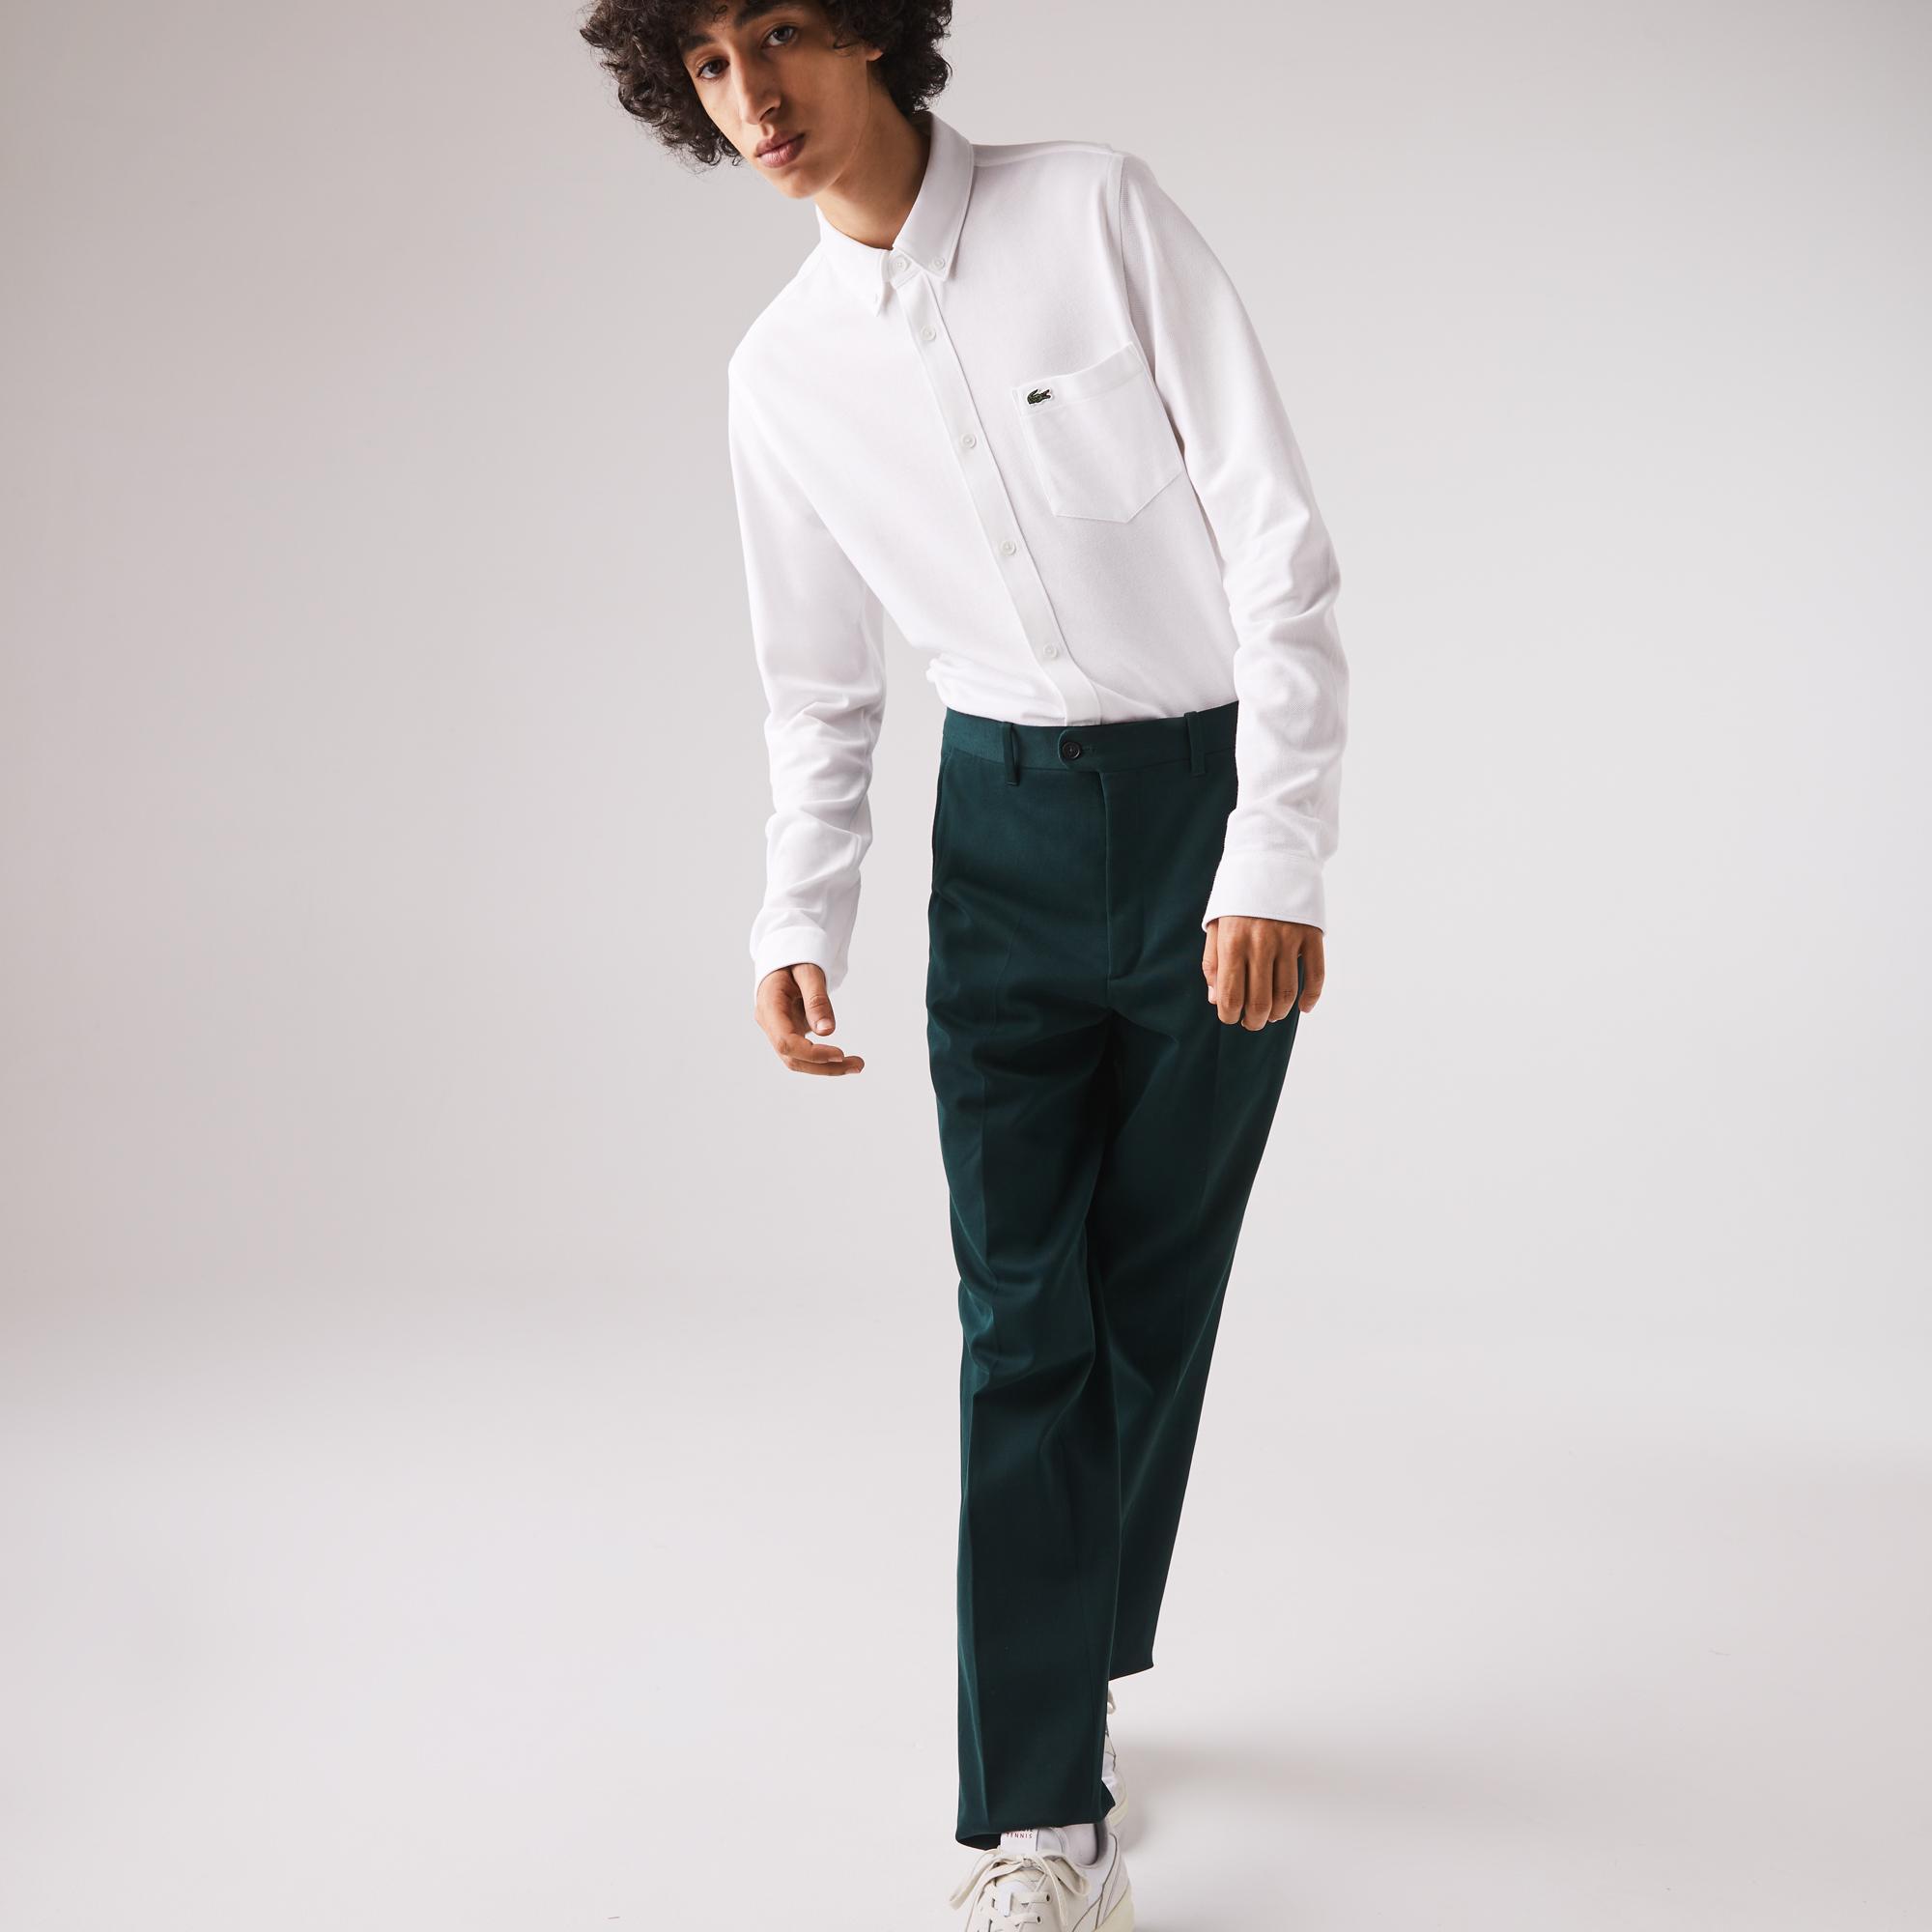 Lacoste Erkek Slim Fit Düğmeli Yaka Beyaz Gömlek